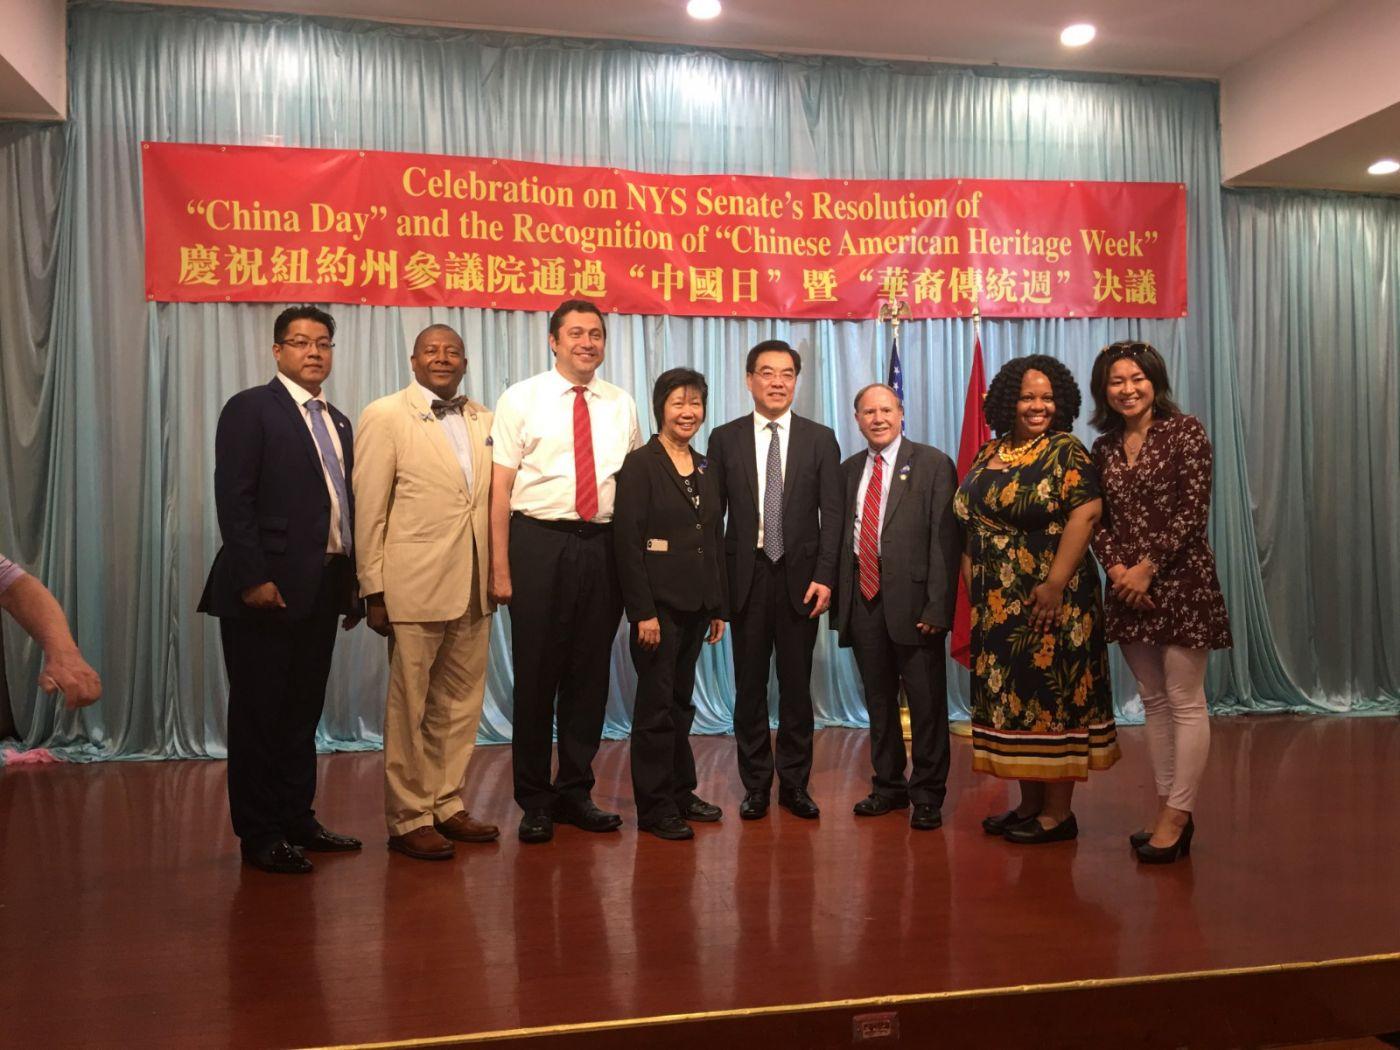 紐約州參議院通過「中國日」決議案慶祝会在紐約舉行_图1-39